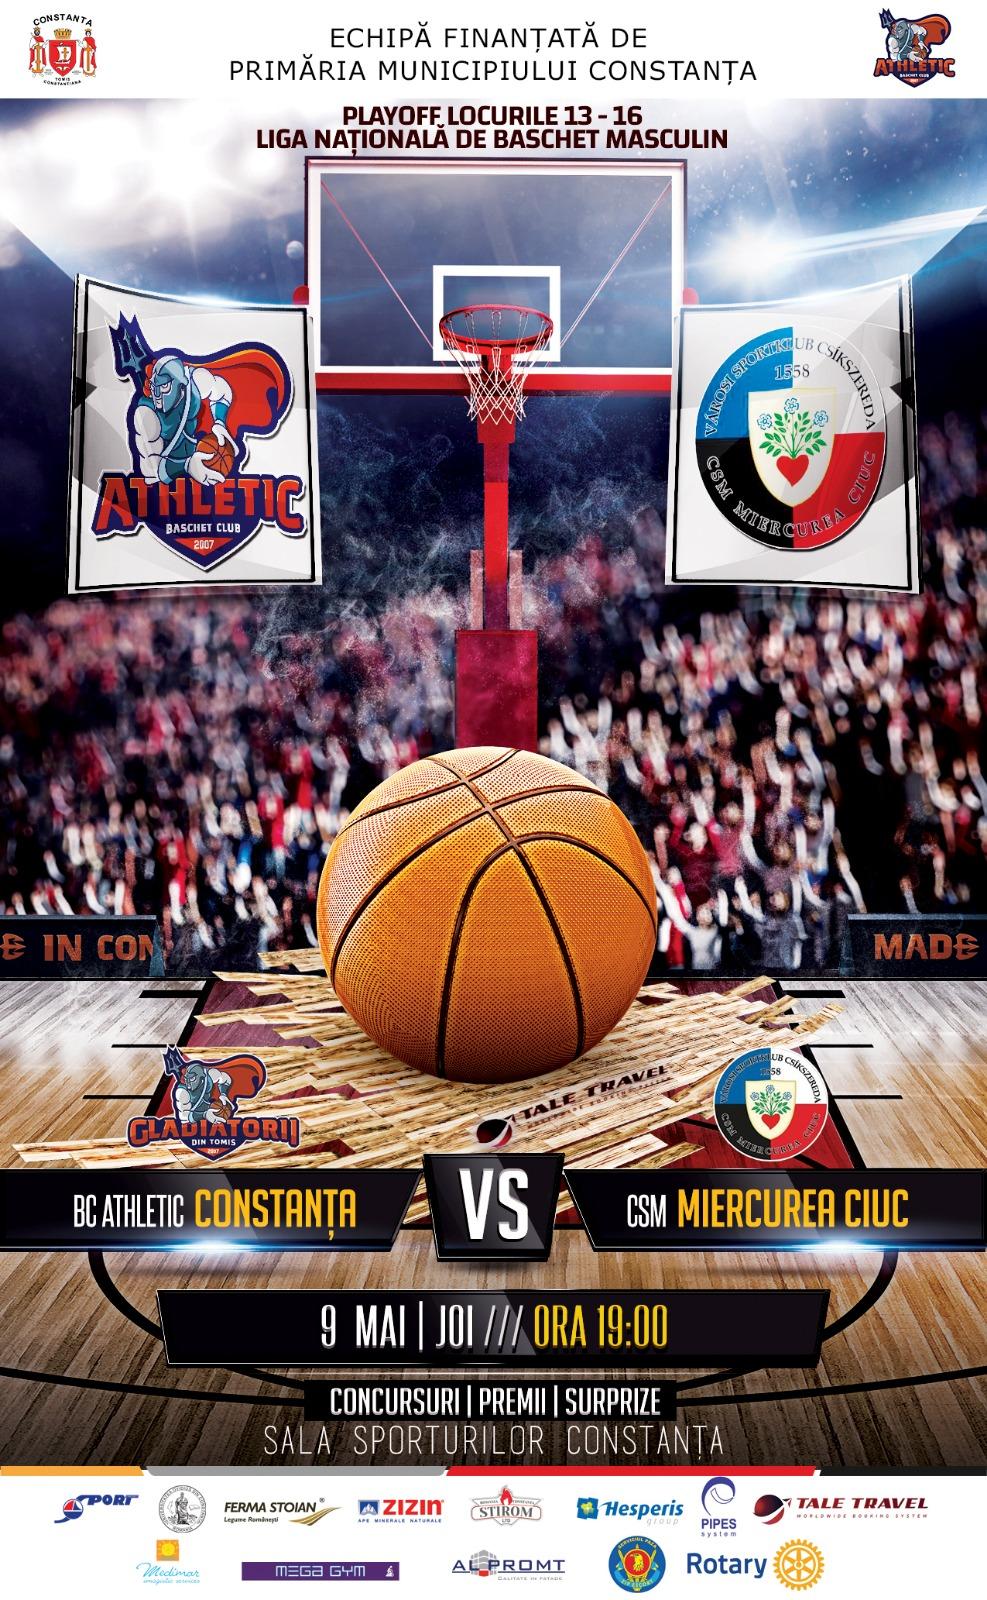 afis BC Athletic Constanta vs. CSM Miercurea Ciuc 09.05.2019